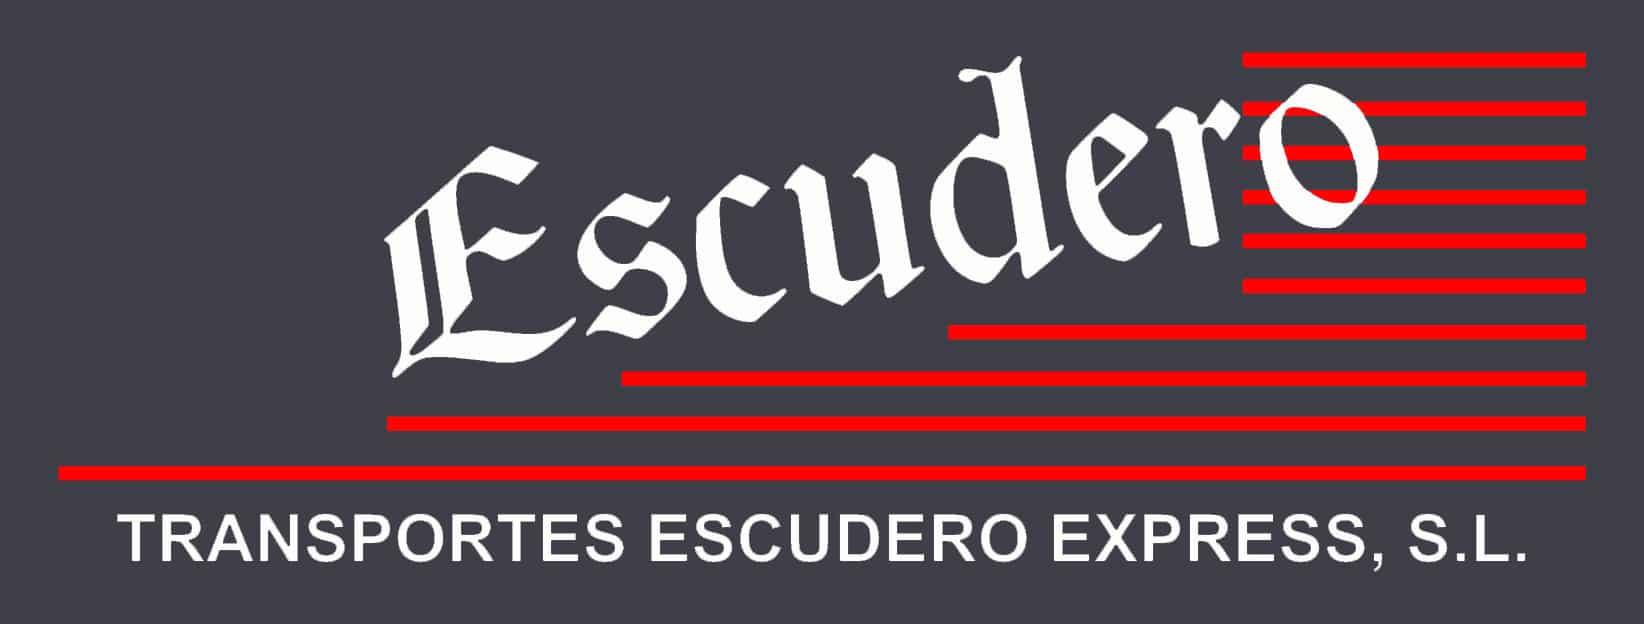 Transporte de Mercancias Escudero